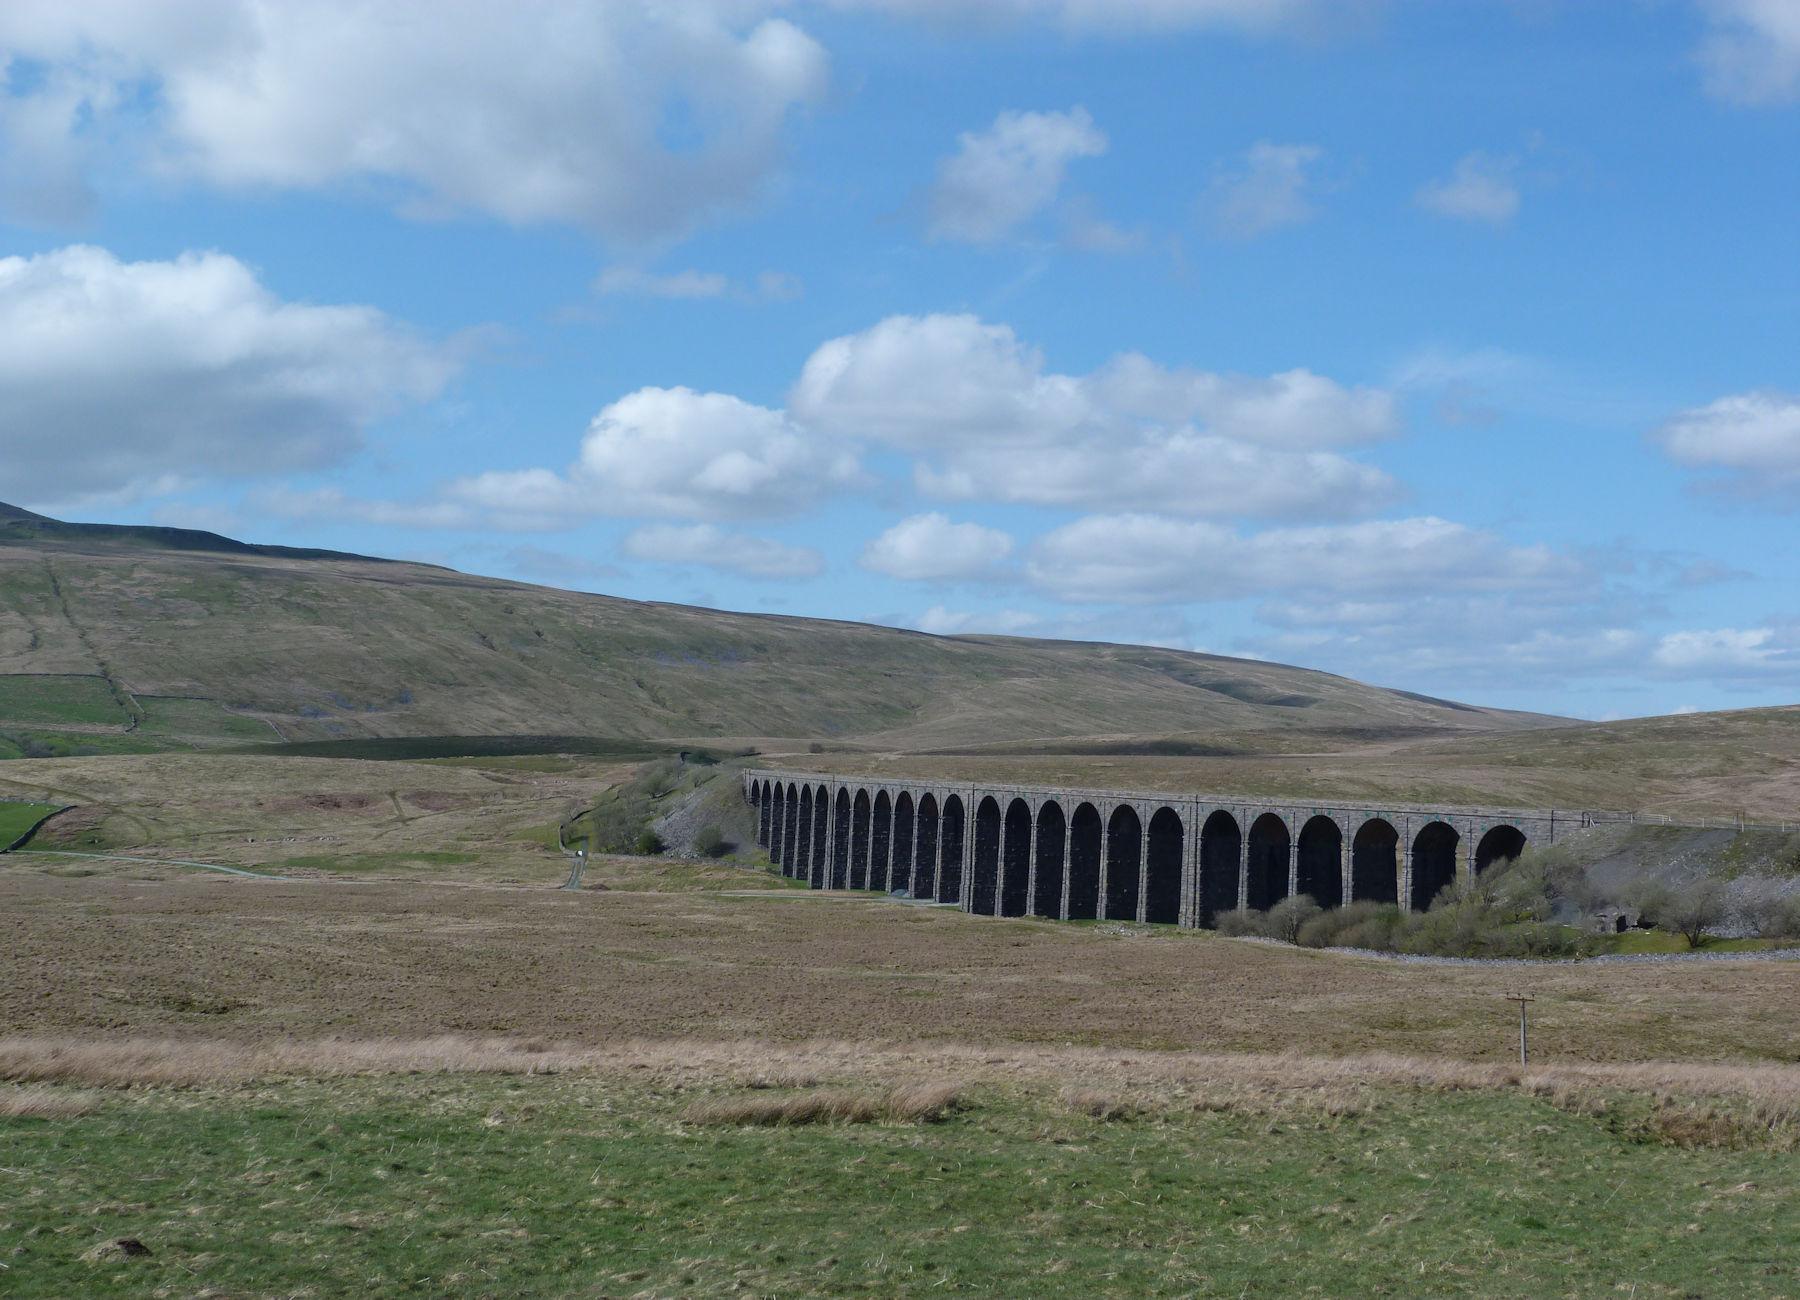 Viaduct at Ribblehead